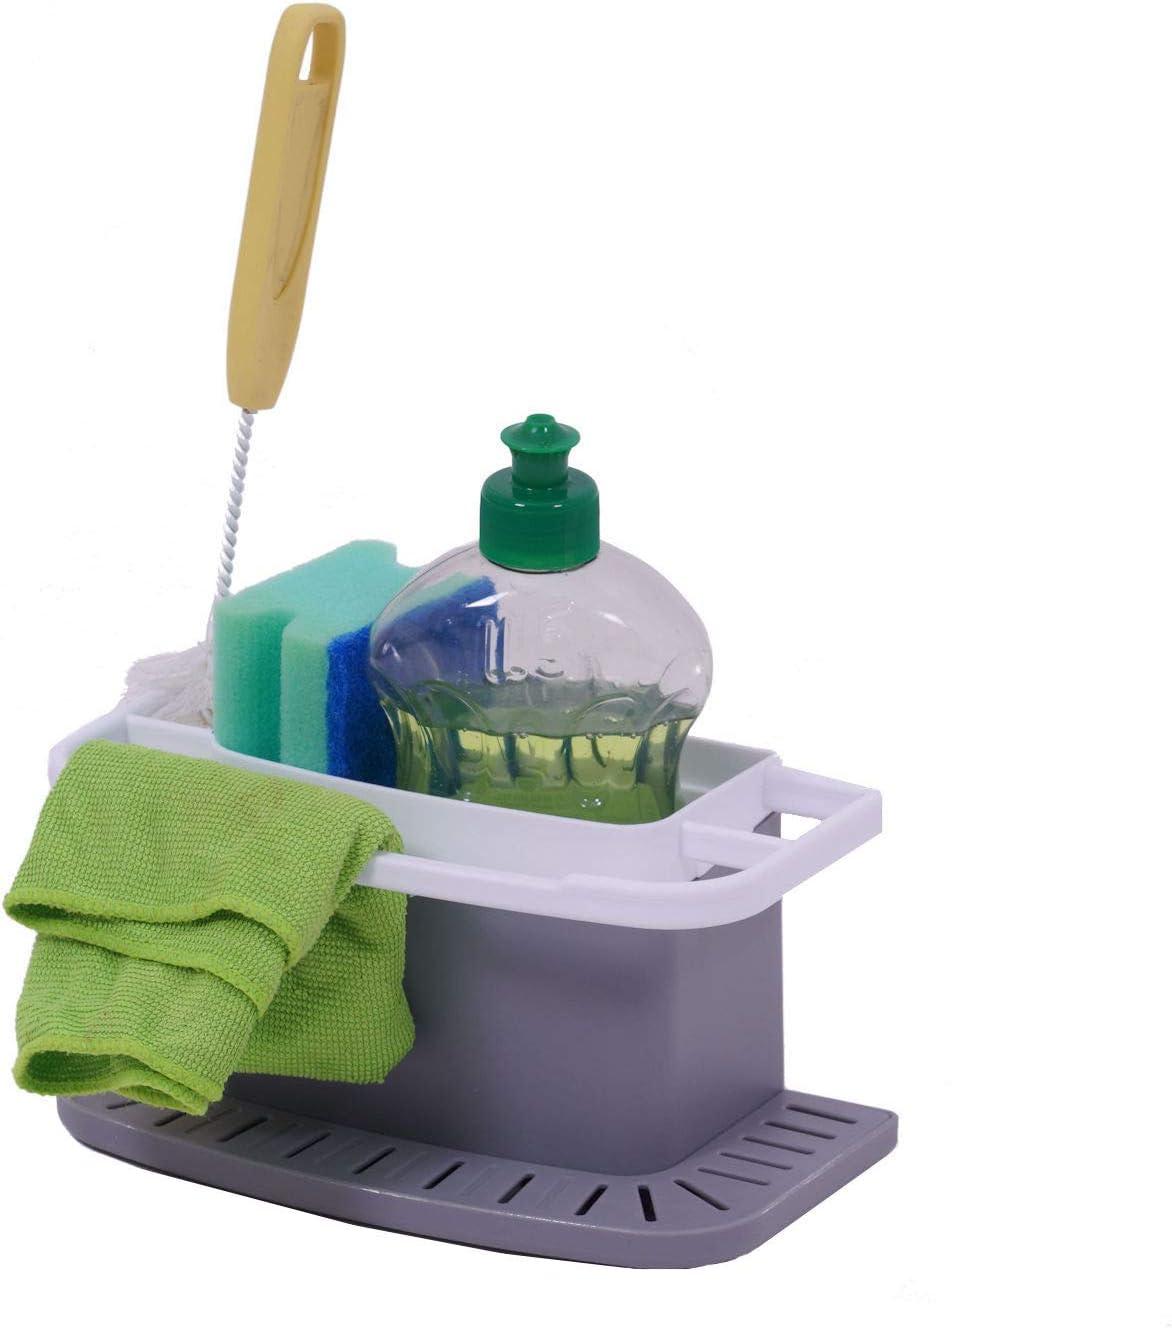 Wenko Organizador de fregadero de 21,5 x 12 x 12 cm – Organizador de fregadero con soporte de esponja – Soporte para utensilios para el fregadero para trapos, cepillos, esponjas, etc.